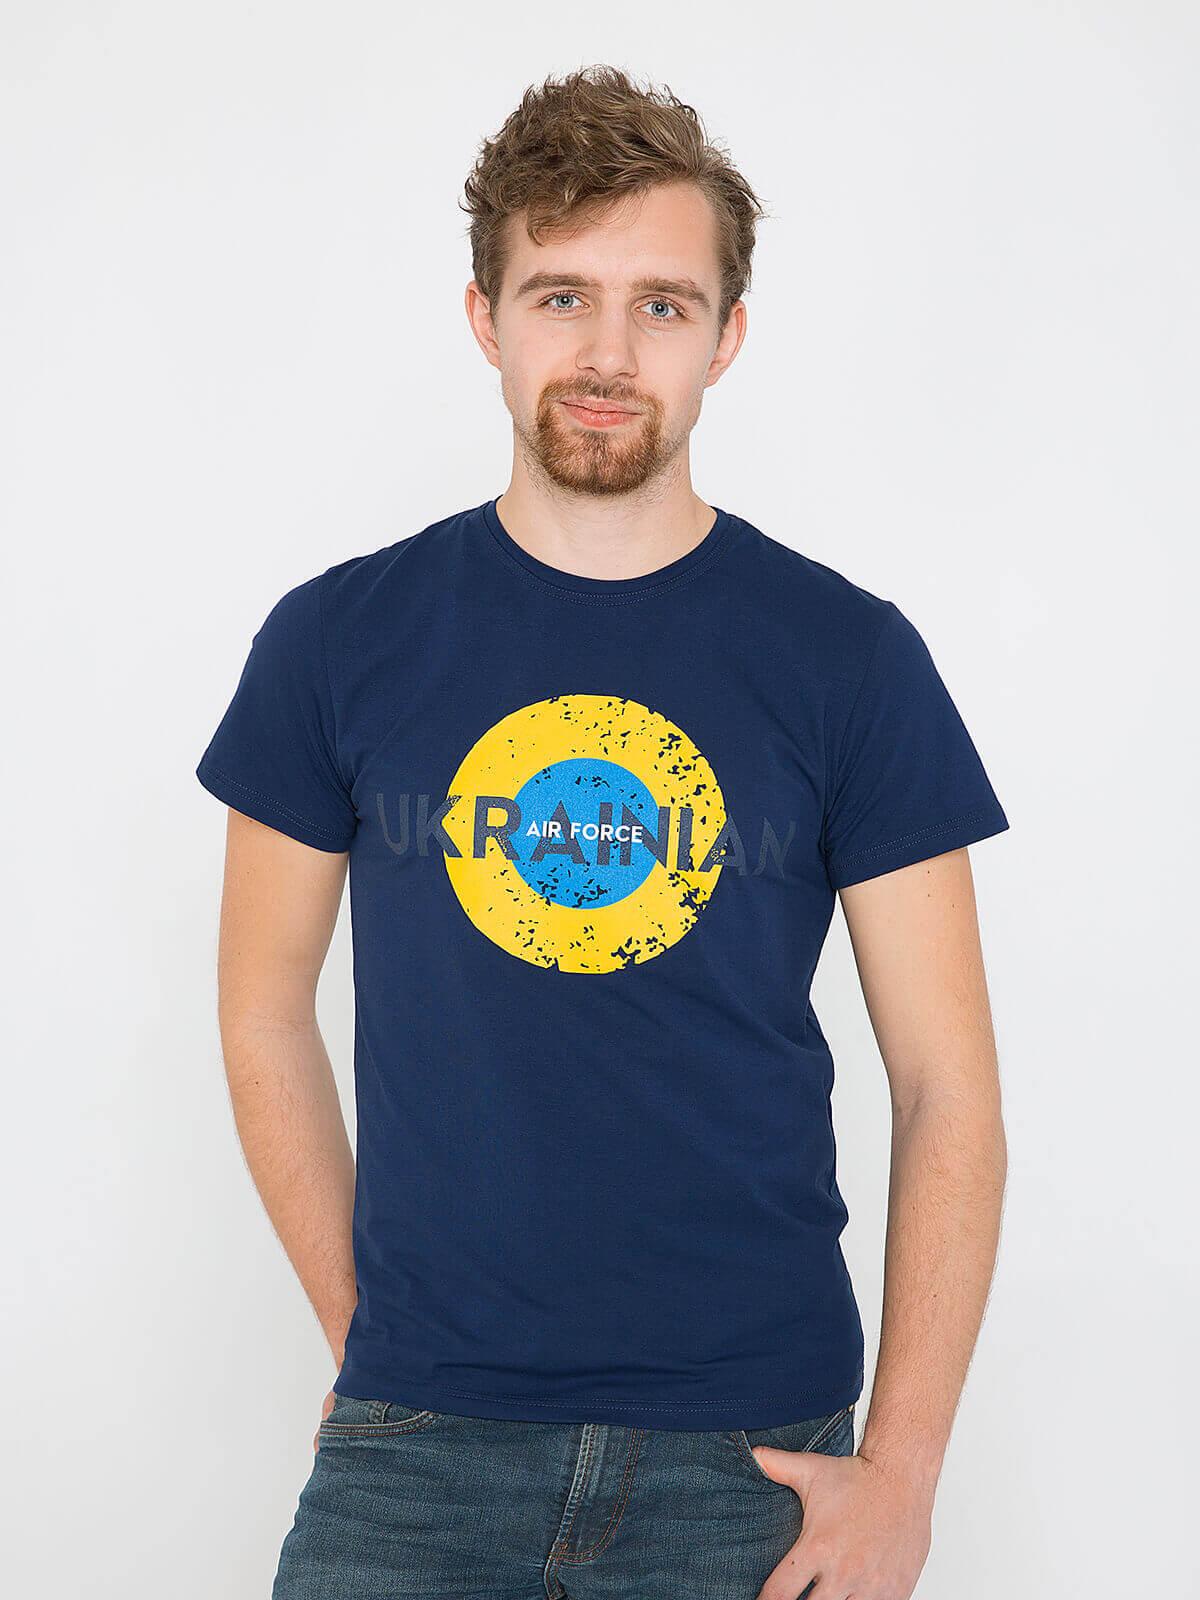 Men's T-Shirt Ukrainian Air Force. Color dark blue. Unisex T-shirt (men's sizes).